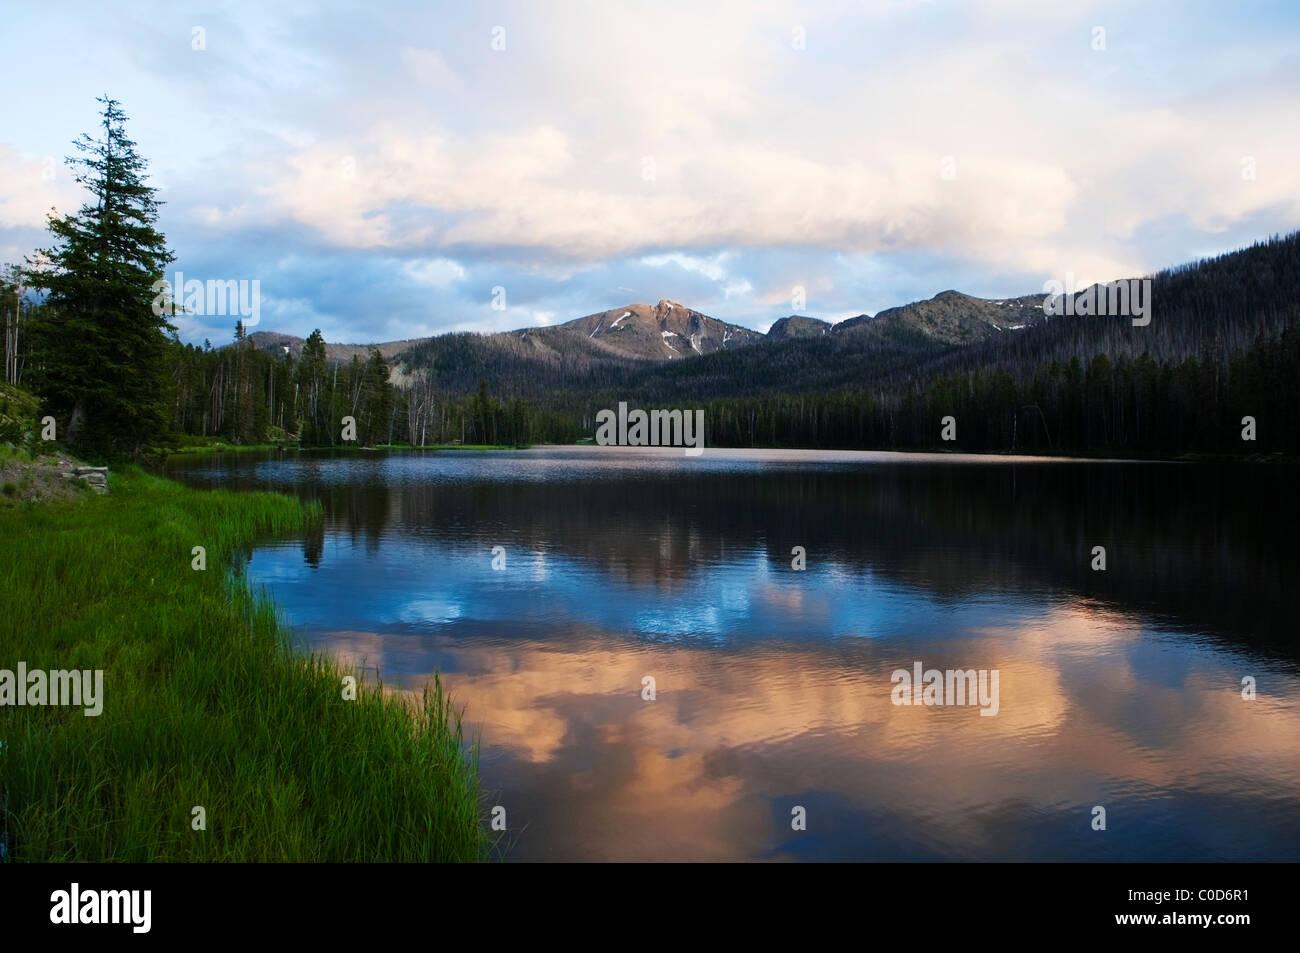 Landschaft mit Wolken, Berge und Reflexion im Yellowstone-Nationalpark, Wyoming, USA übernommen. Stockbild